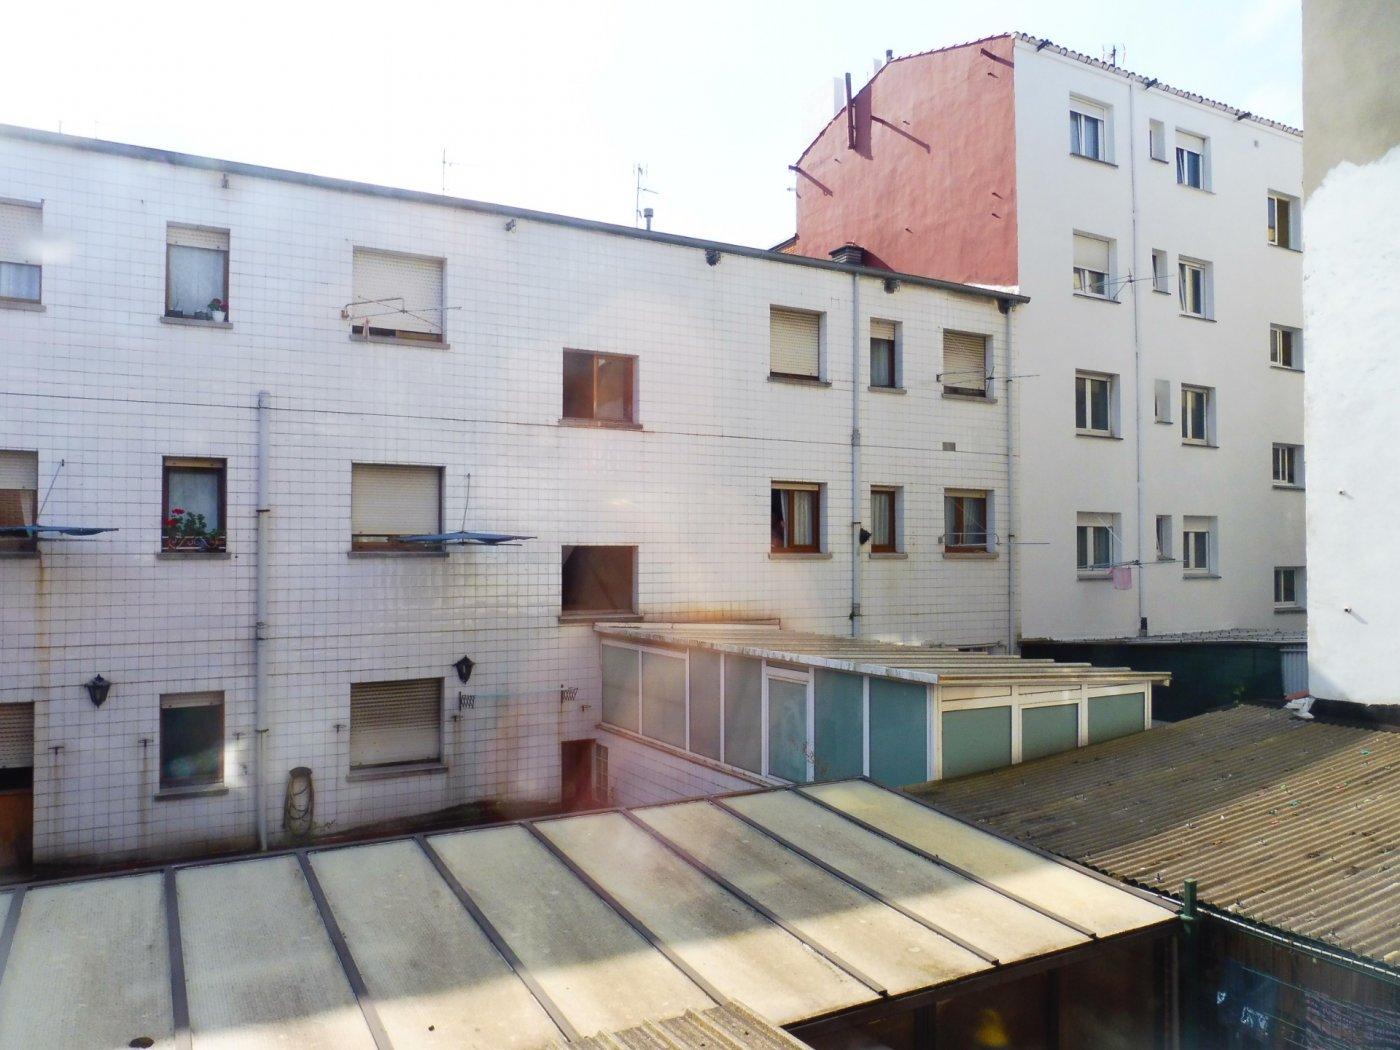 Amplio piso enfrente del centro de salud de perchera en nuevo gijón - imagenInmueble17